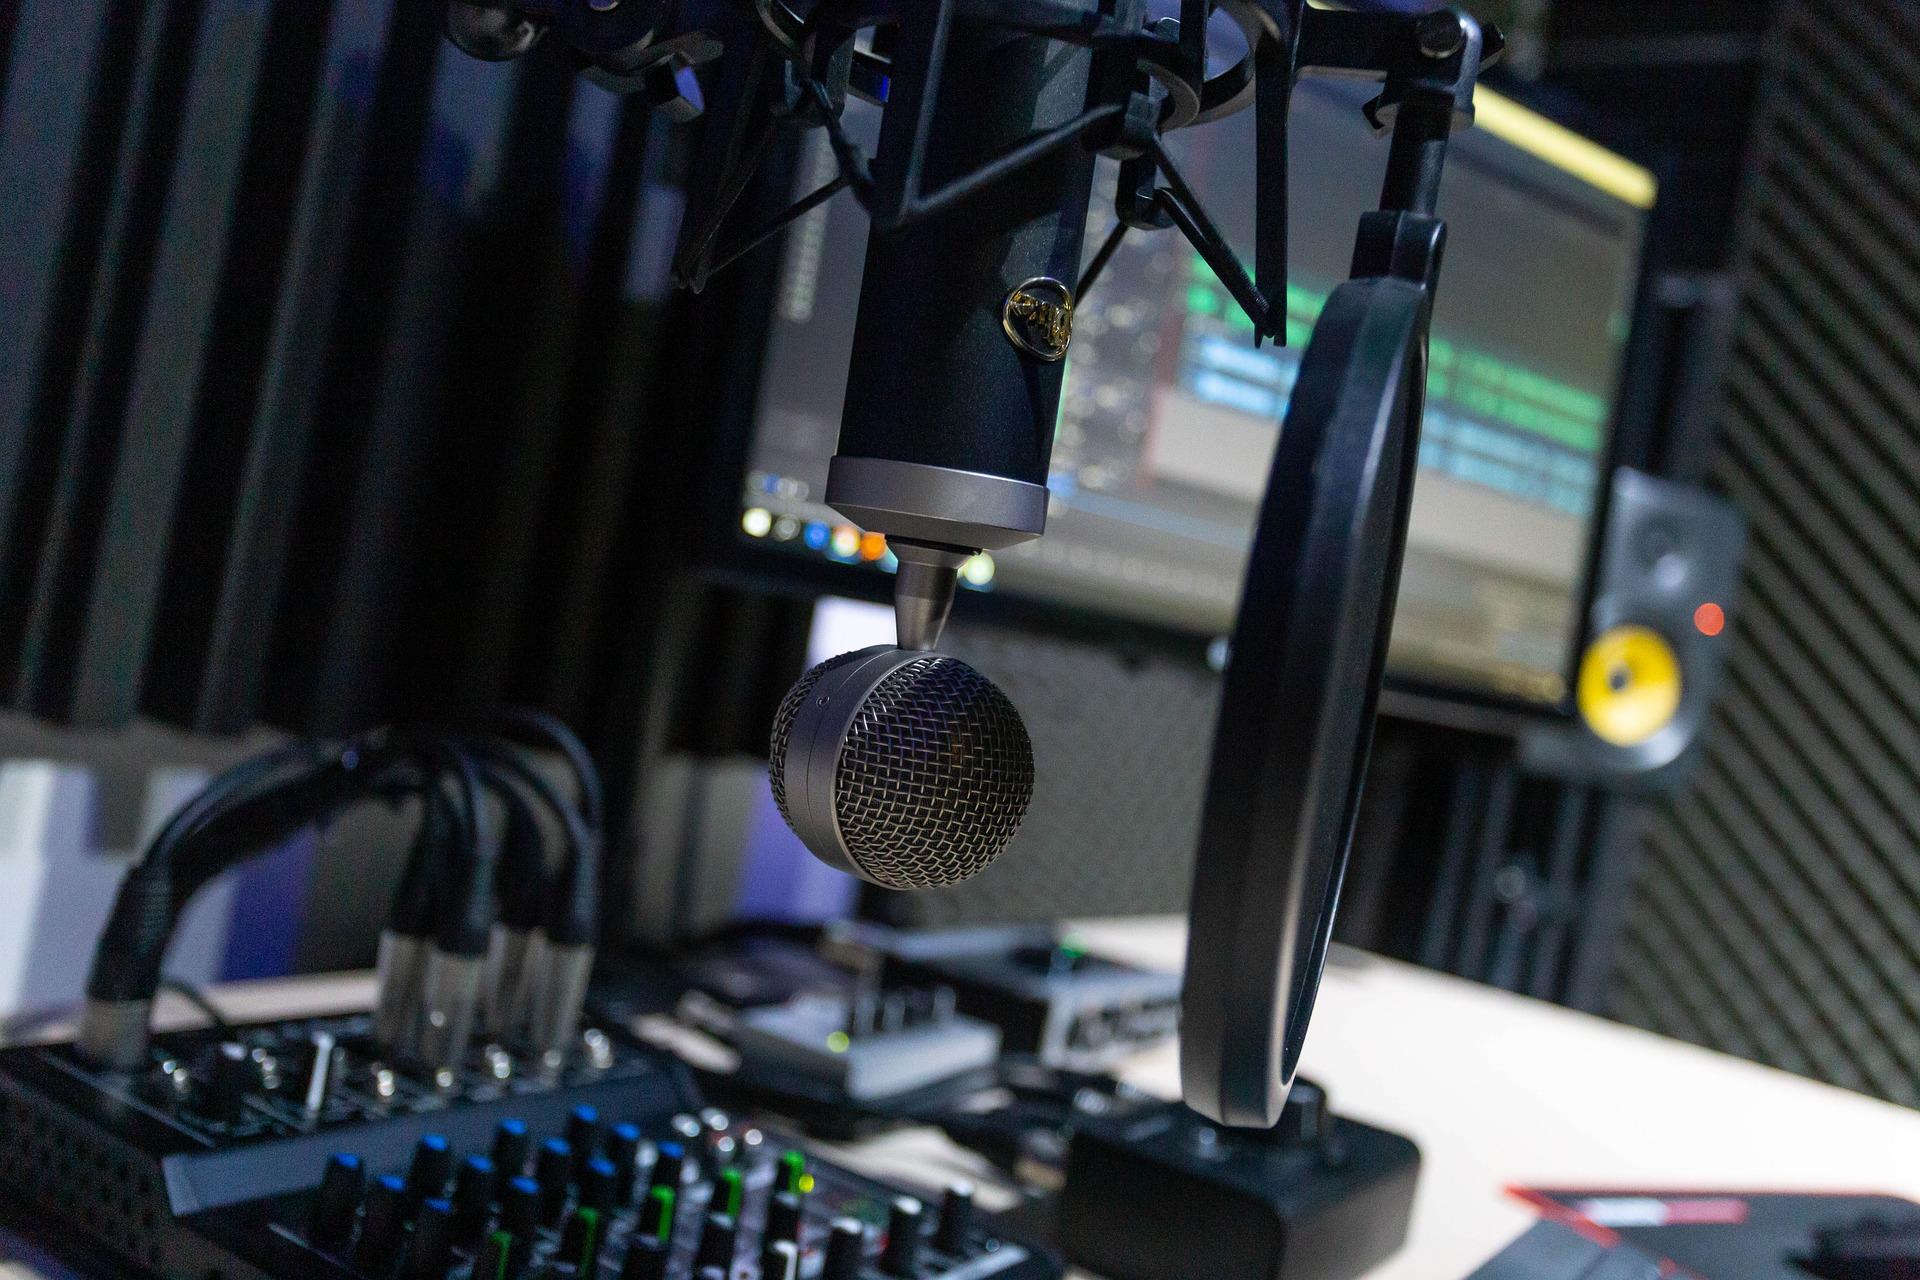 Backstage Talk: Hinter den Kulissen eines Radiosenders